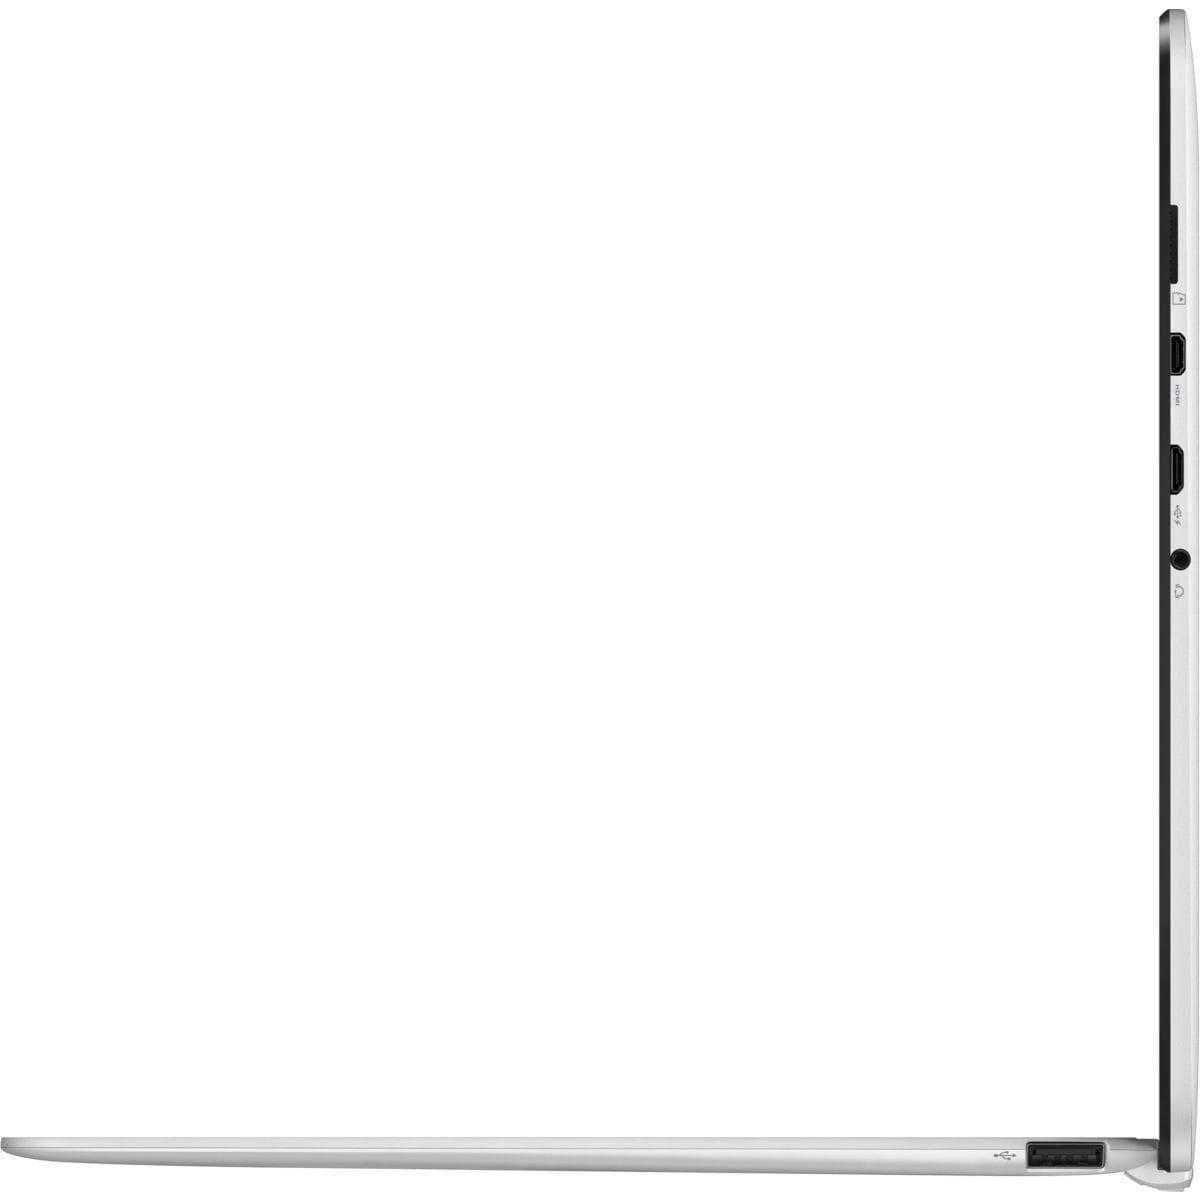 Asus Transformer Book - Atom x5-Z8500 1,44 GHz -  64 Go - RAM 2 Go